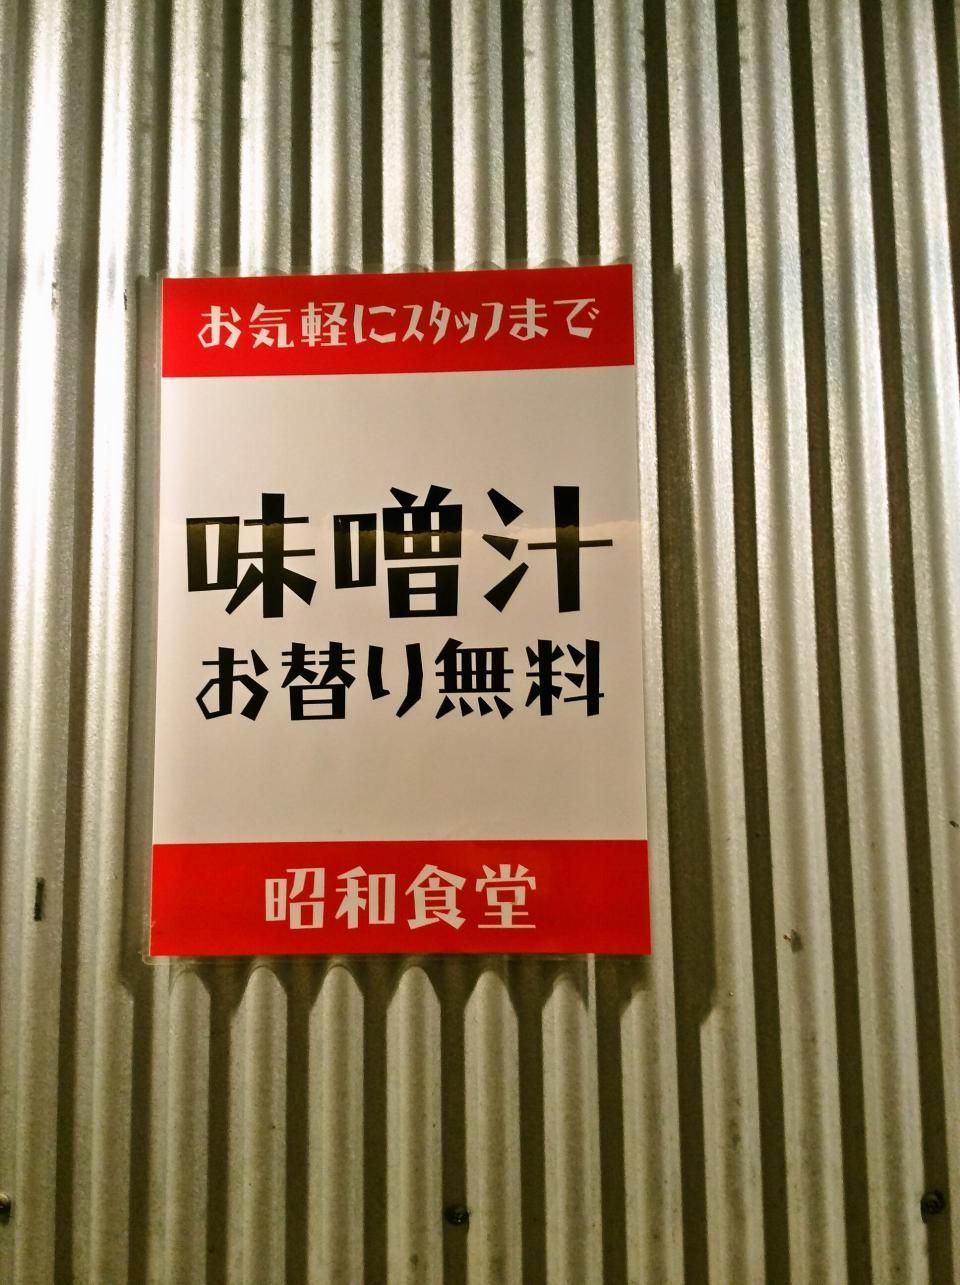 昭和食堂秋葉原駅前店(店内)